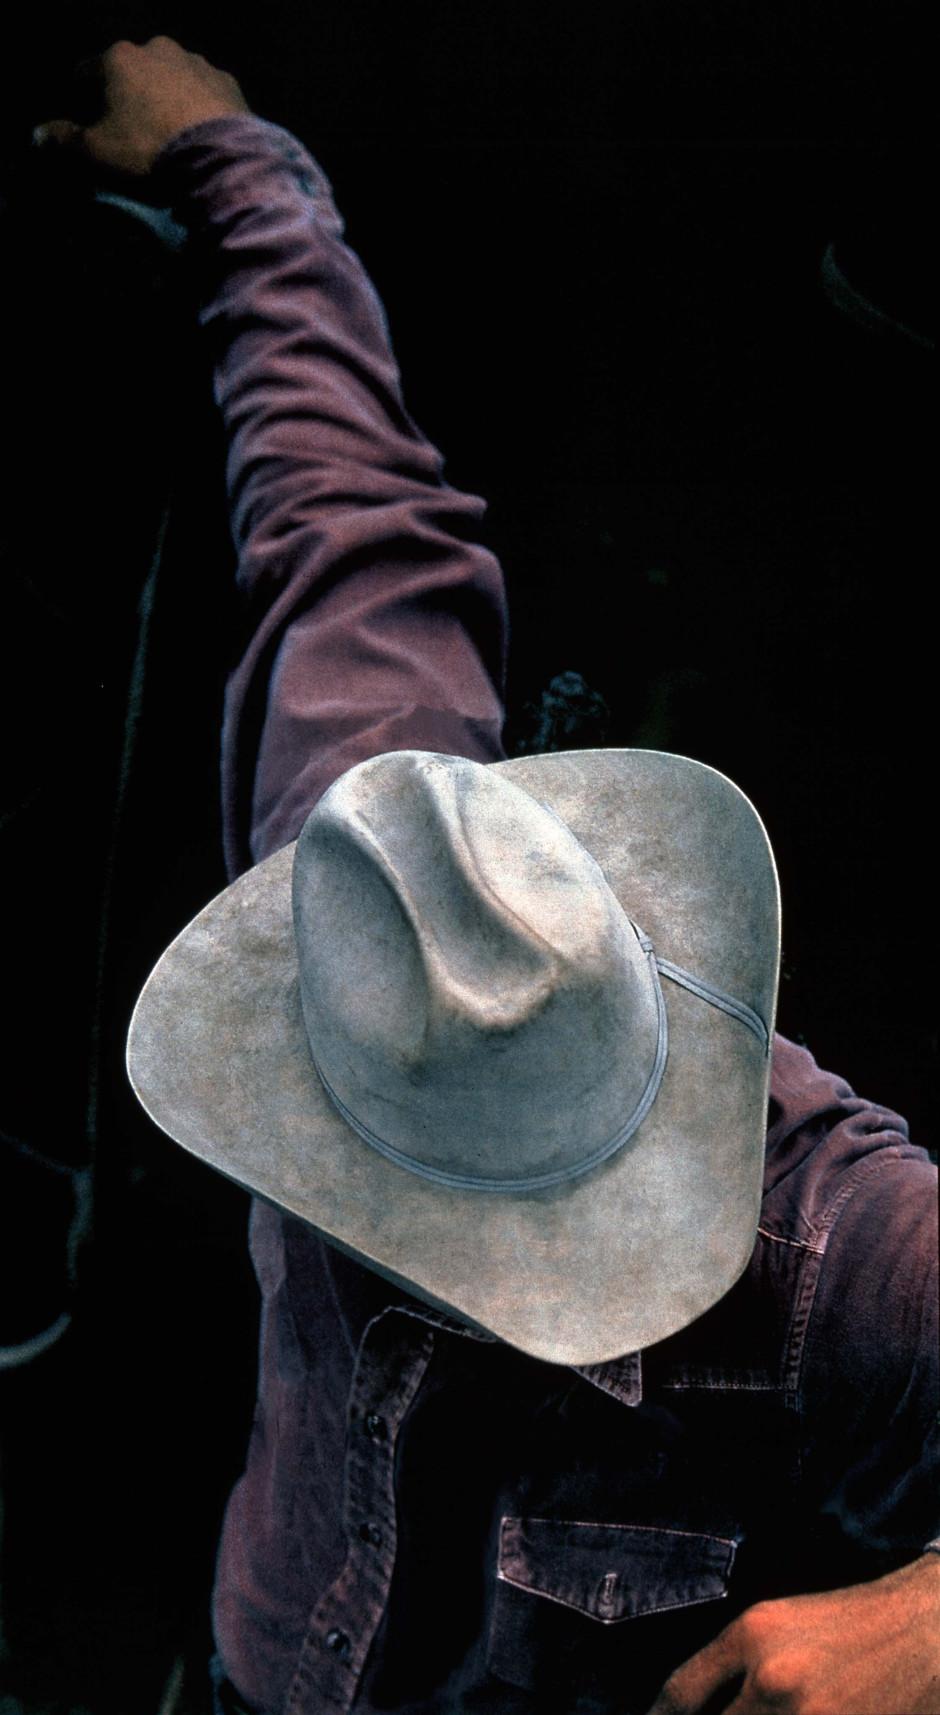 Untitled (Cowboy), 1999  ektacolour photograph  175.2 x 104.0 x 5.0 cm 69 x 41 x 2 in.